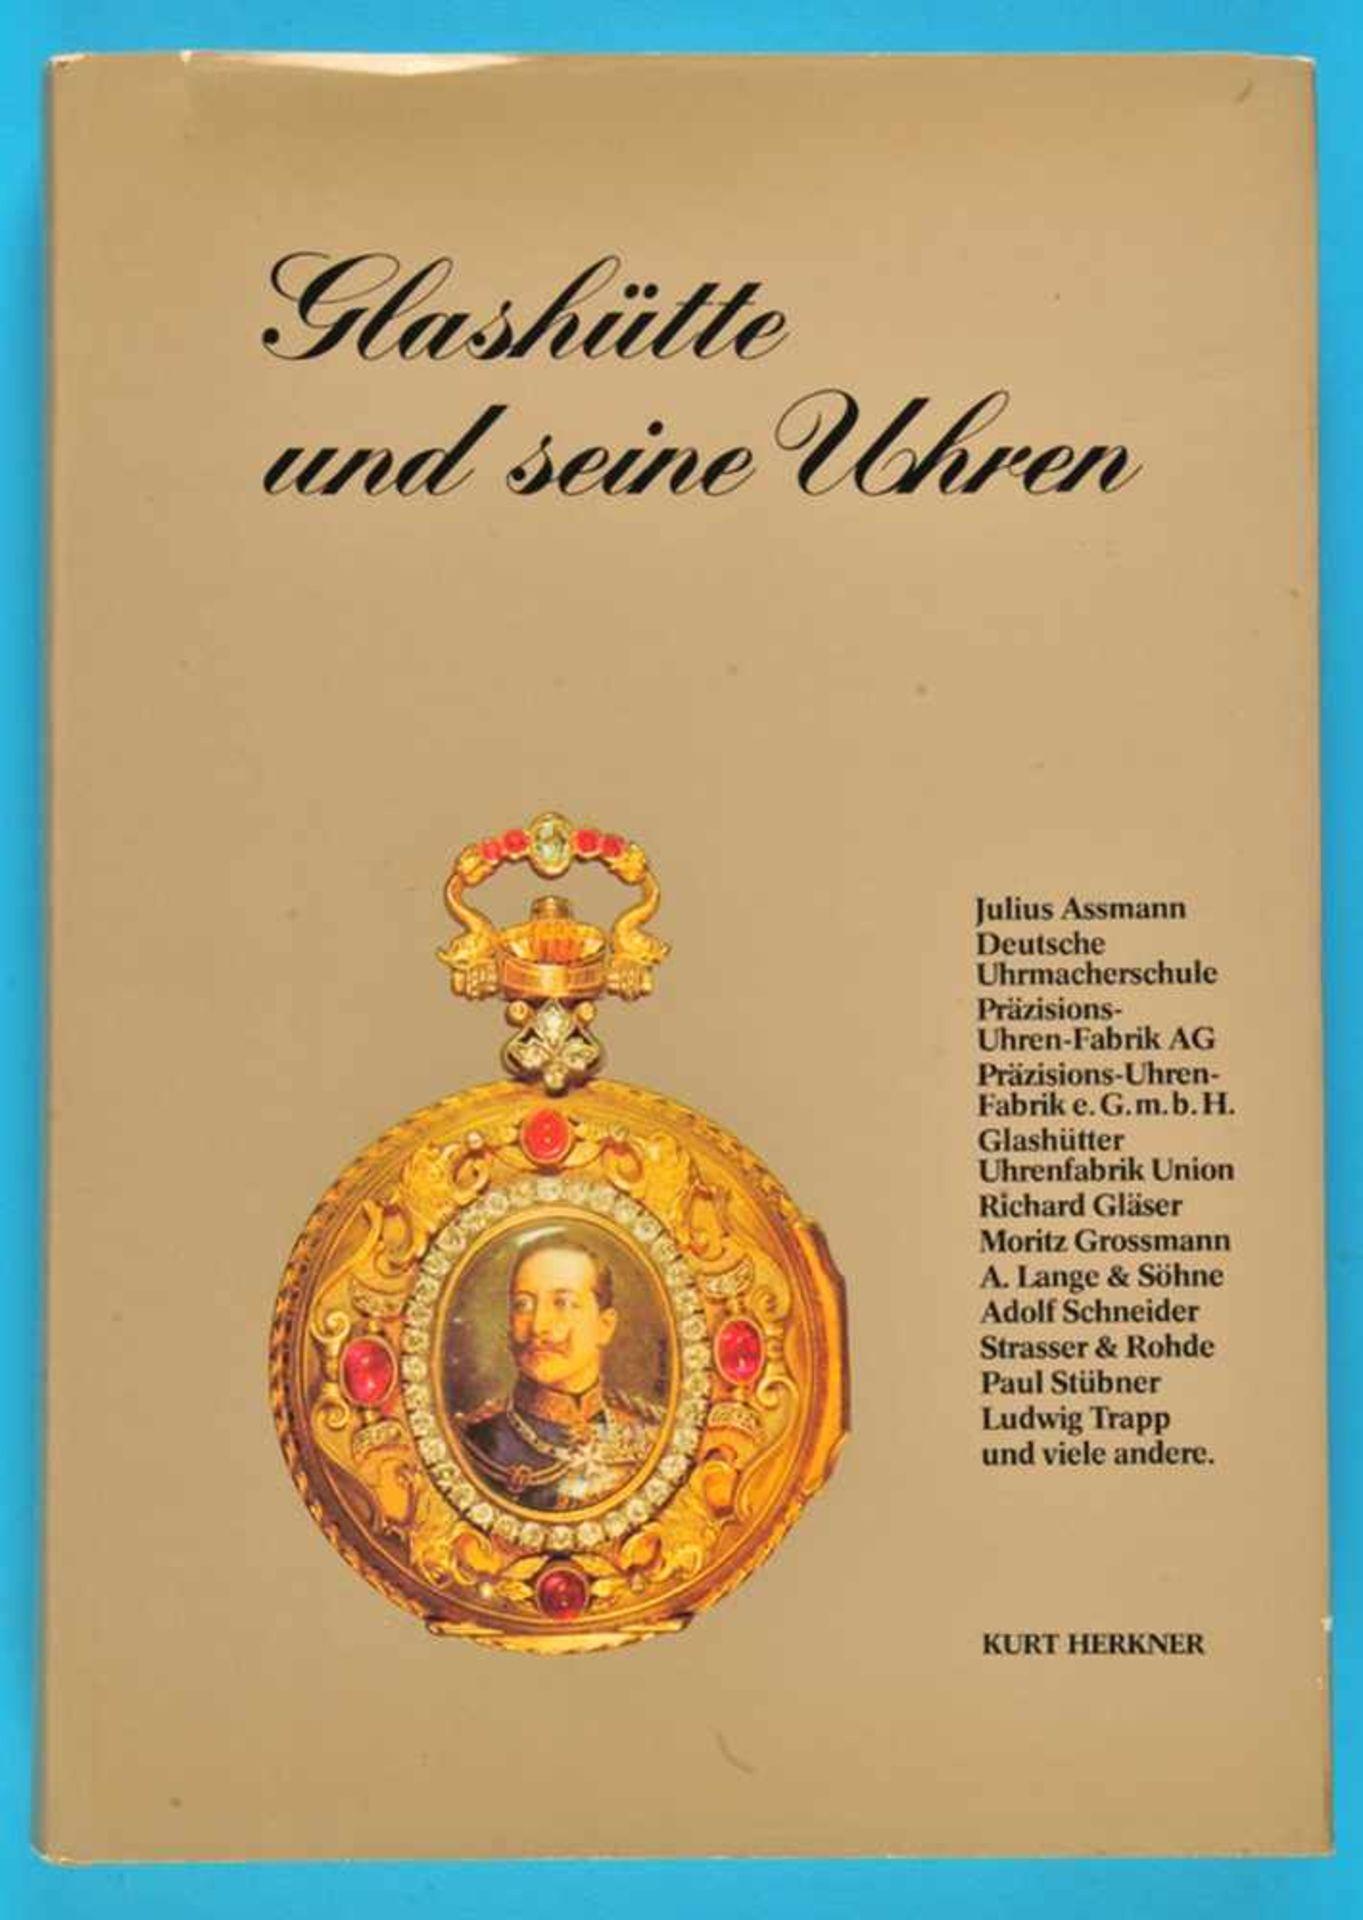 Los 35 - Kurt Herkner, Glashütte und seine Uhren, 1. Auflage 1978Kurt Herkner, Glashütte und seine Uhren,